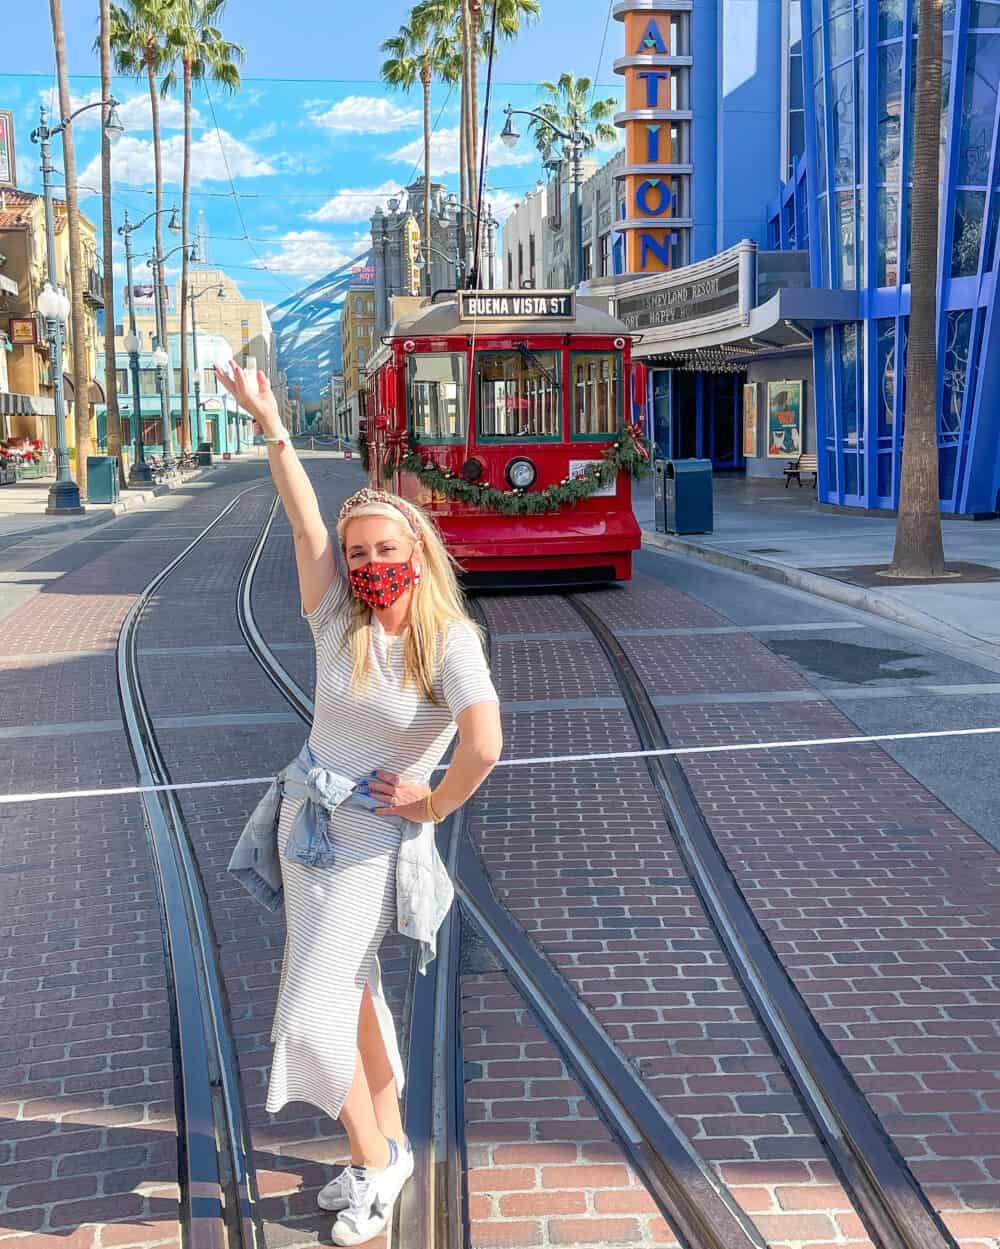 red car trolley buena vista street